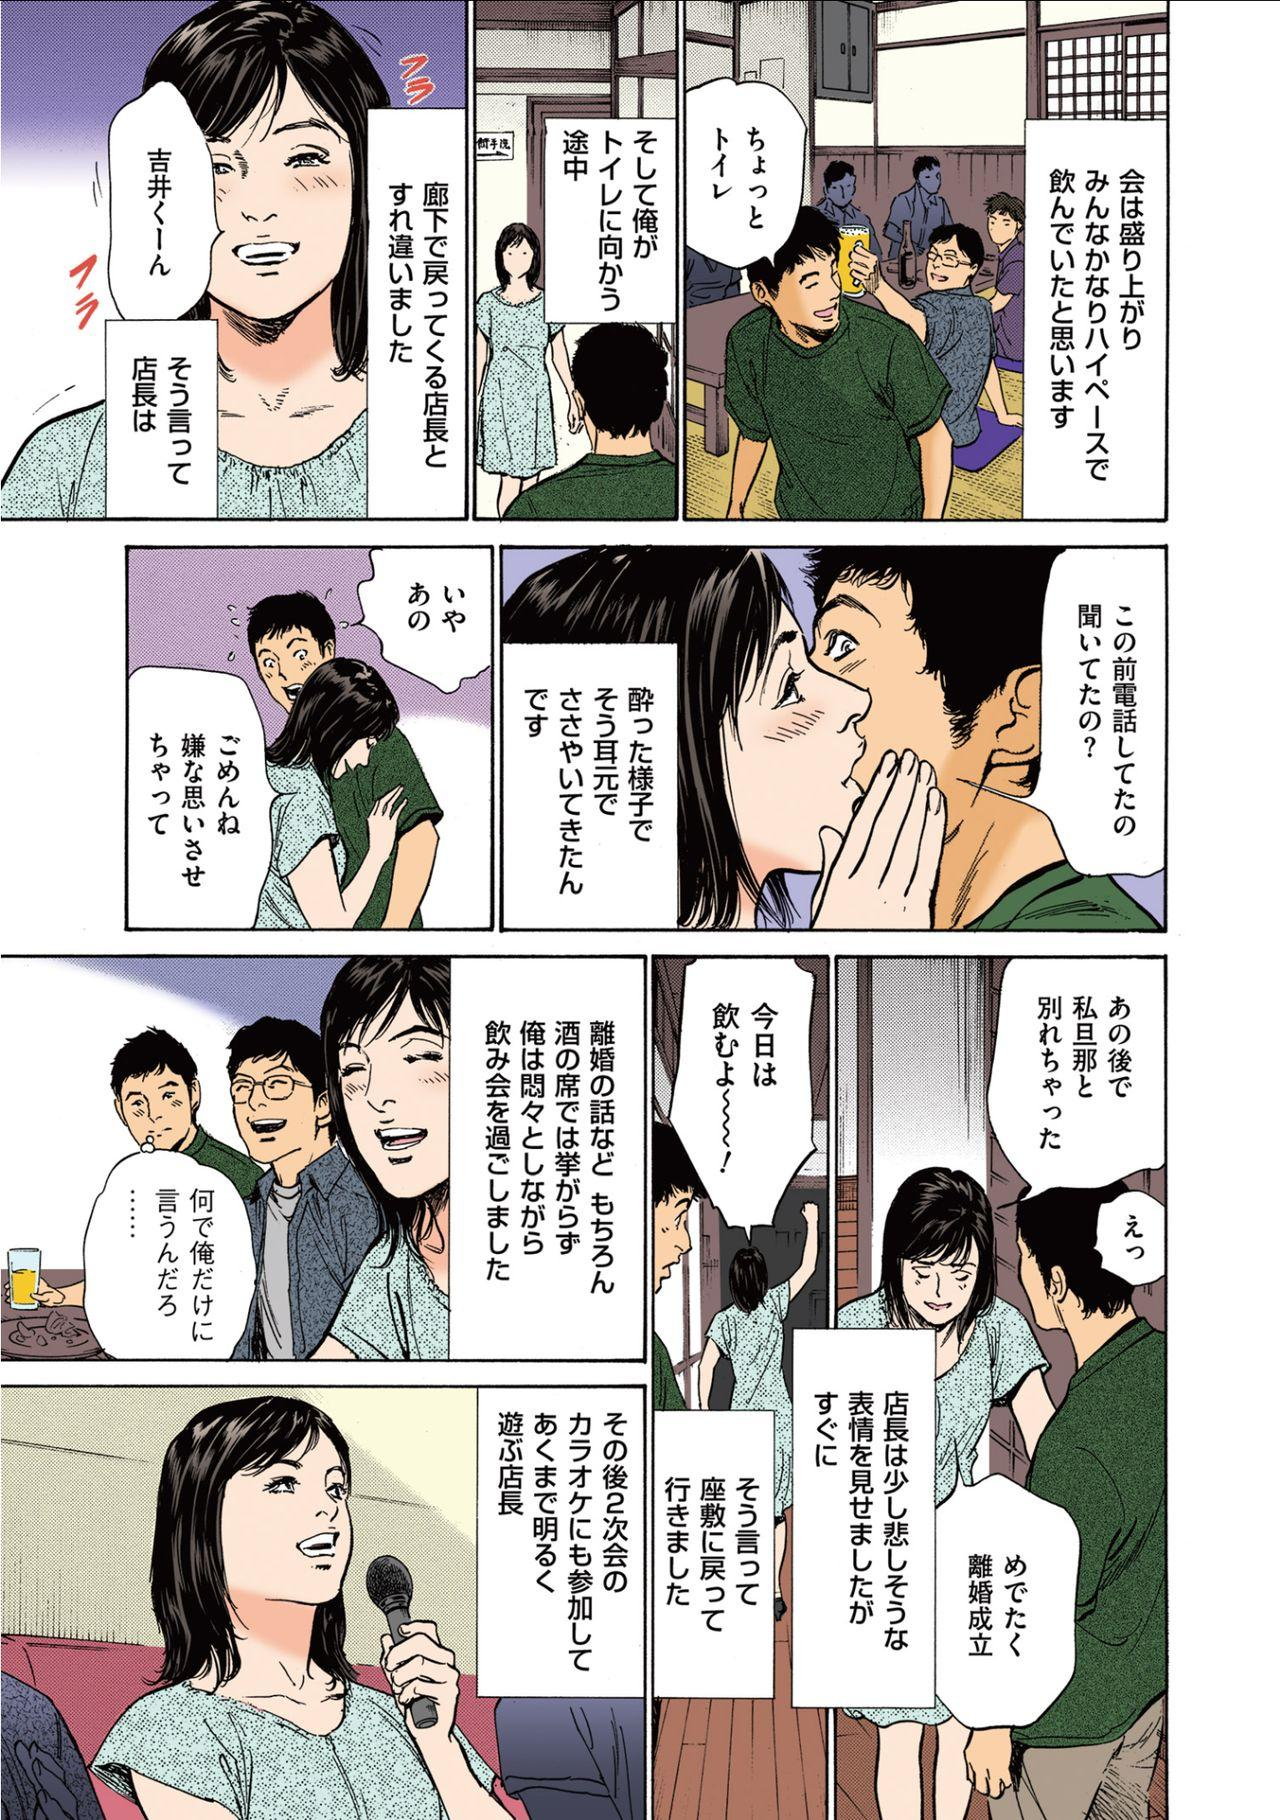 [Hazuki Kaoru] Hazuki Kaoru no Tamaranai Hanashi (Full Color Version) 1-2 72